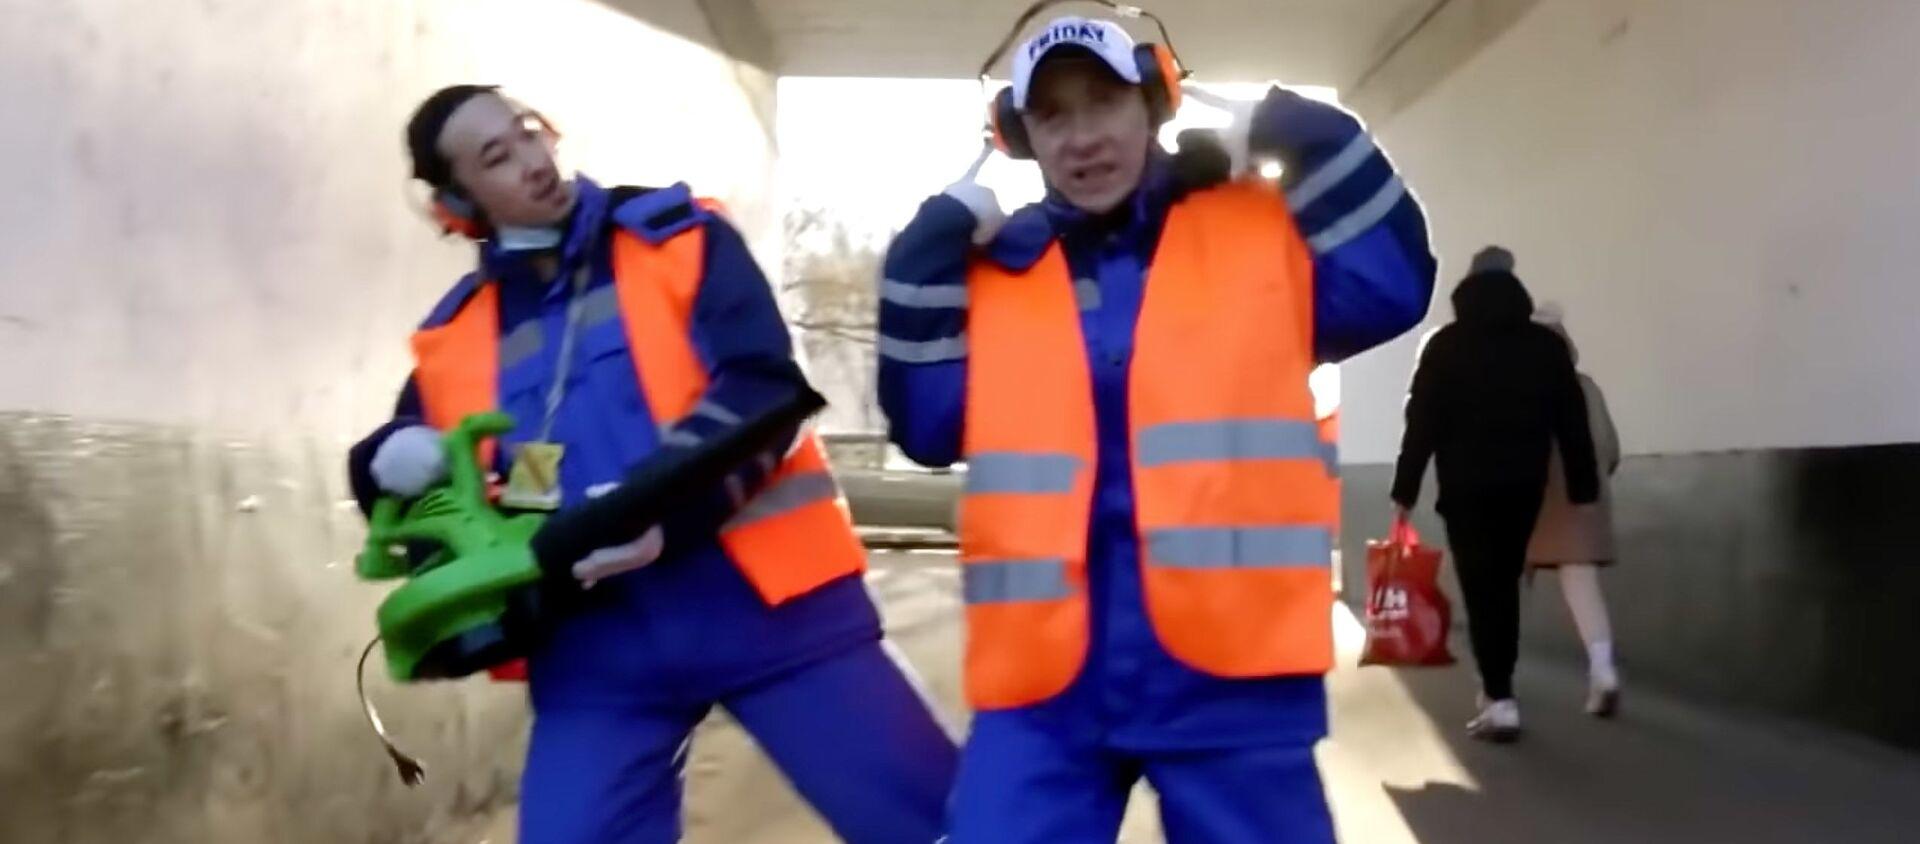 О чем молчат мигранты: поющие казахские дворники - видео - Sputnik Грузия, 1920, 06.03.2021